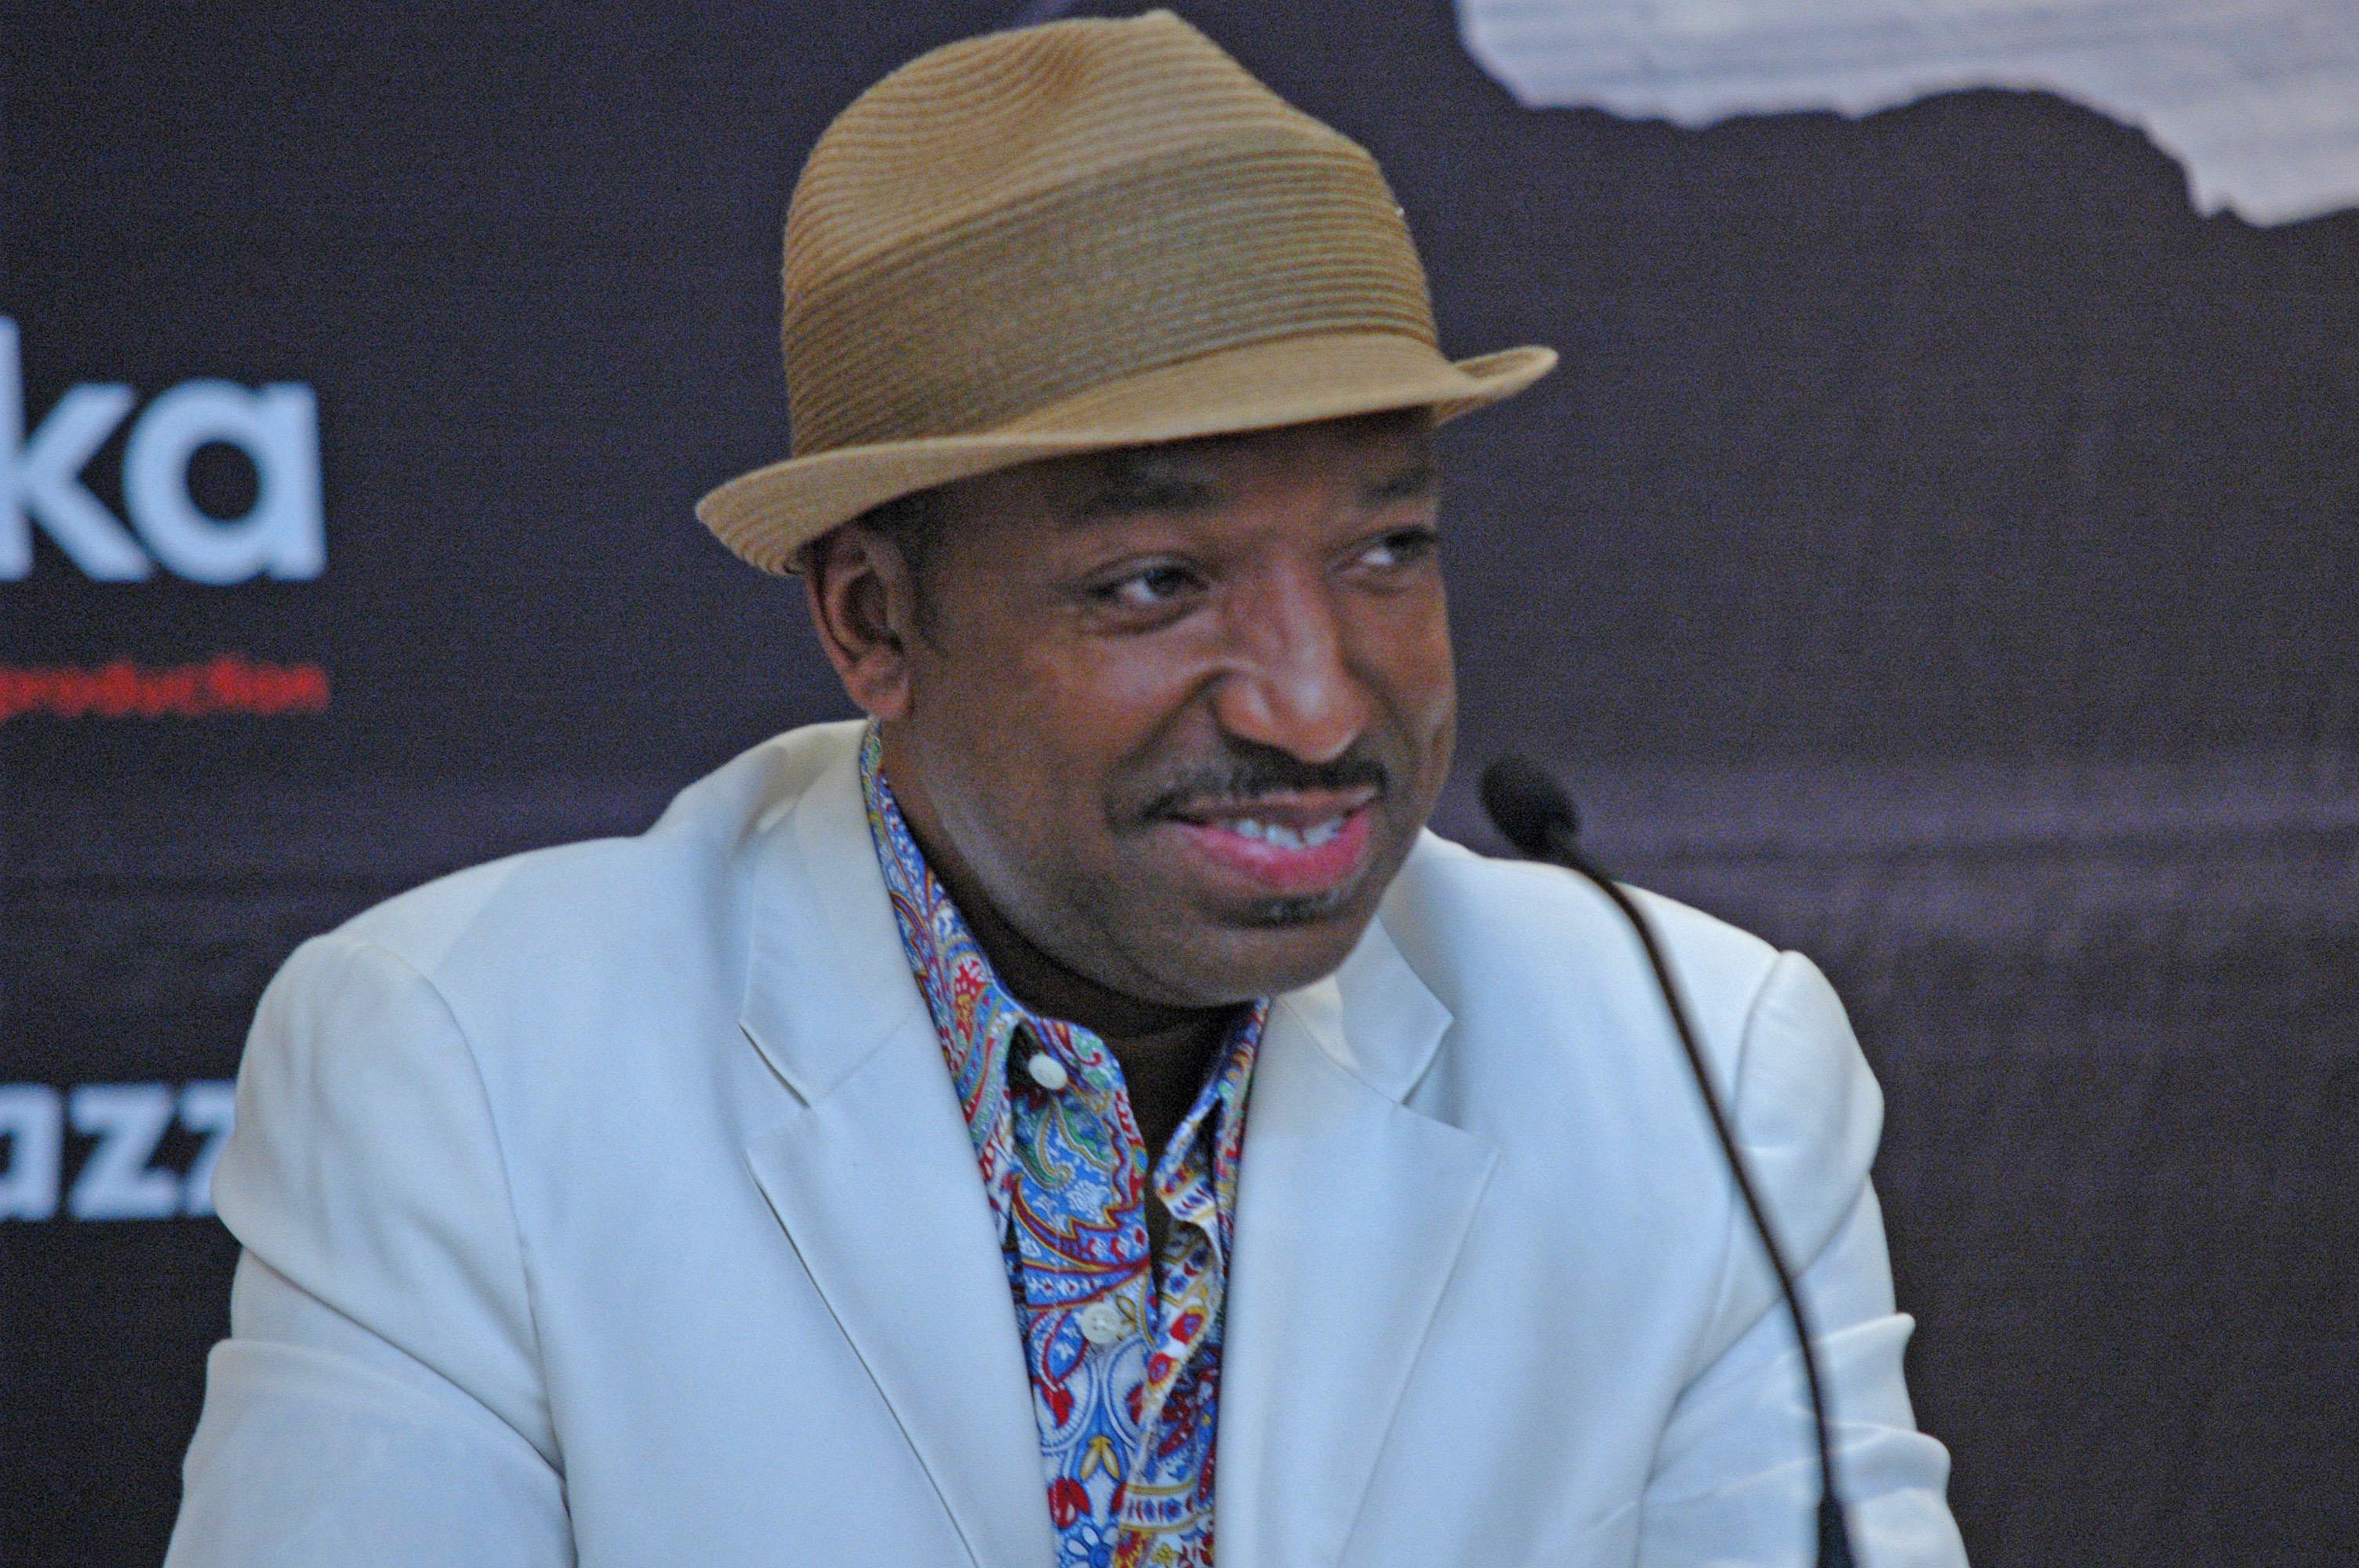 Donald Harrison, Cape Town Jazz Festival 2012